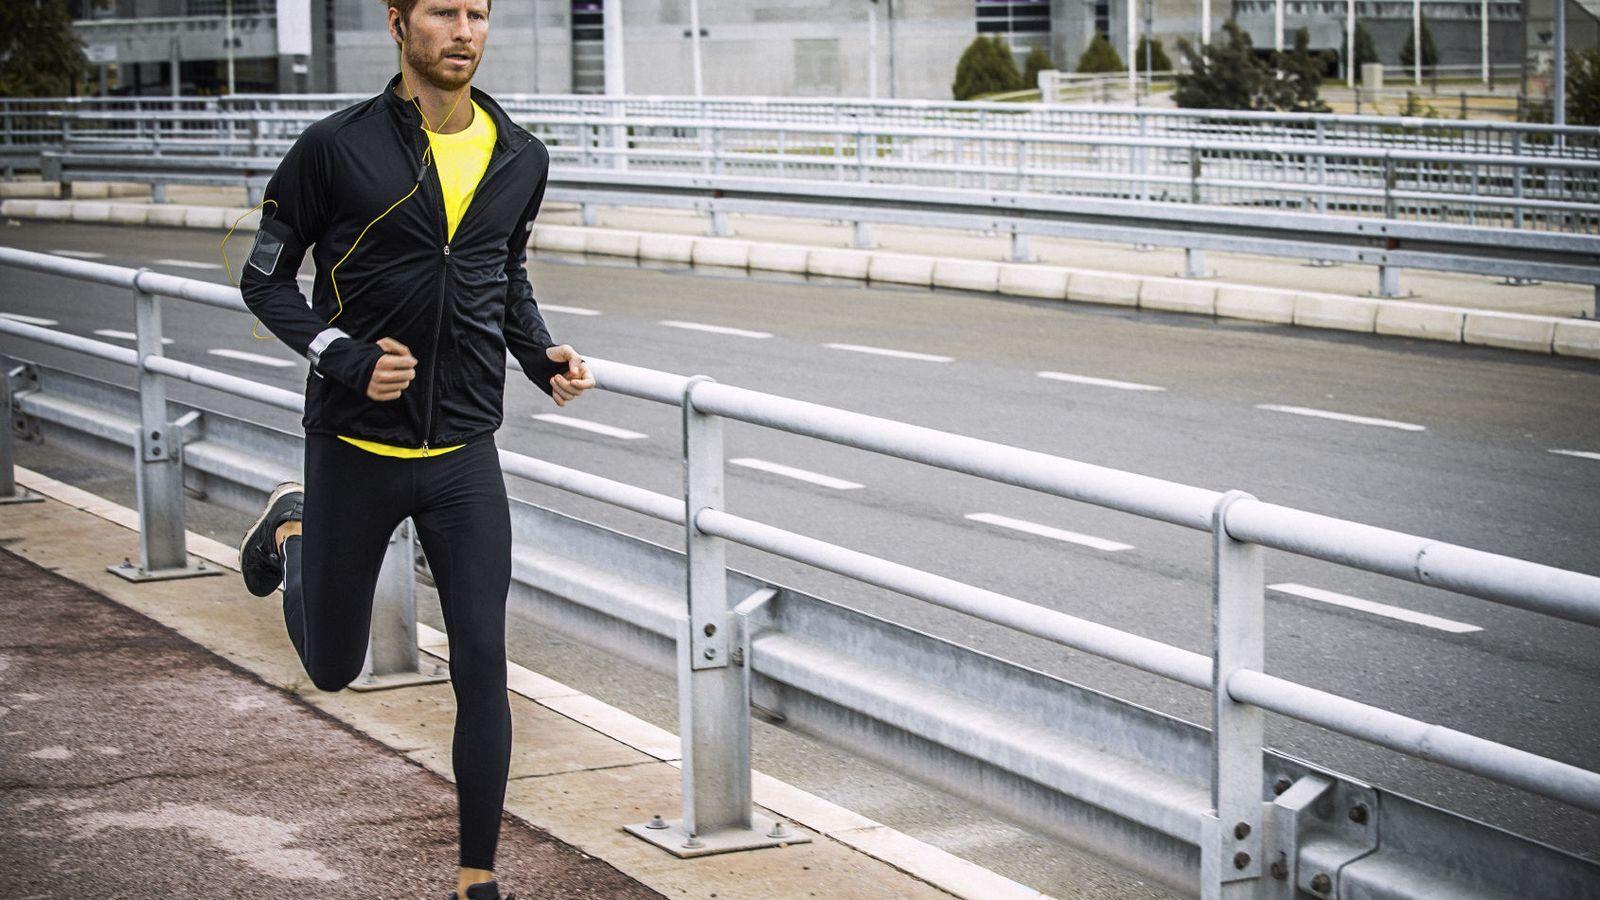 Foto: No es necesario correr todos los días, pero asegúrese de moverse todos los días. (iStock)